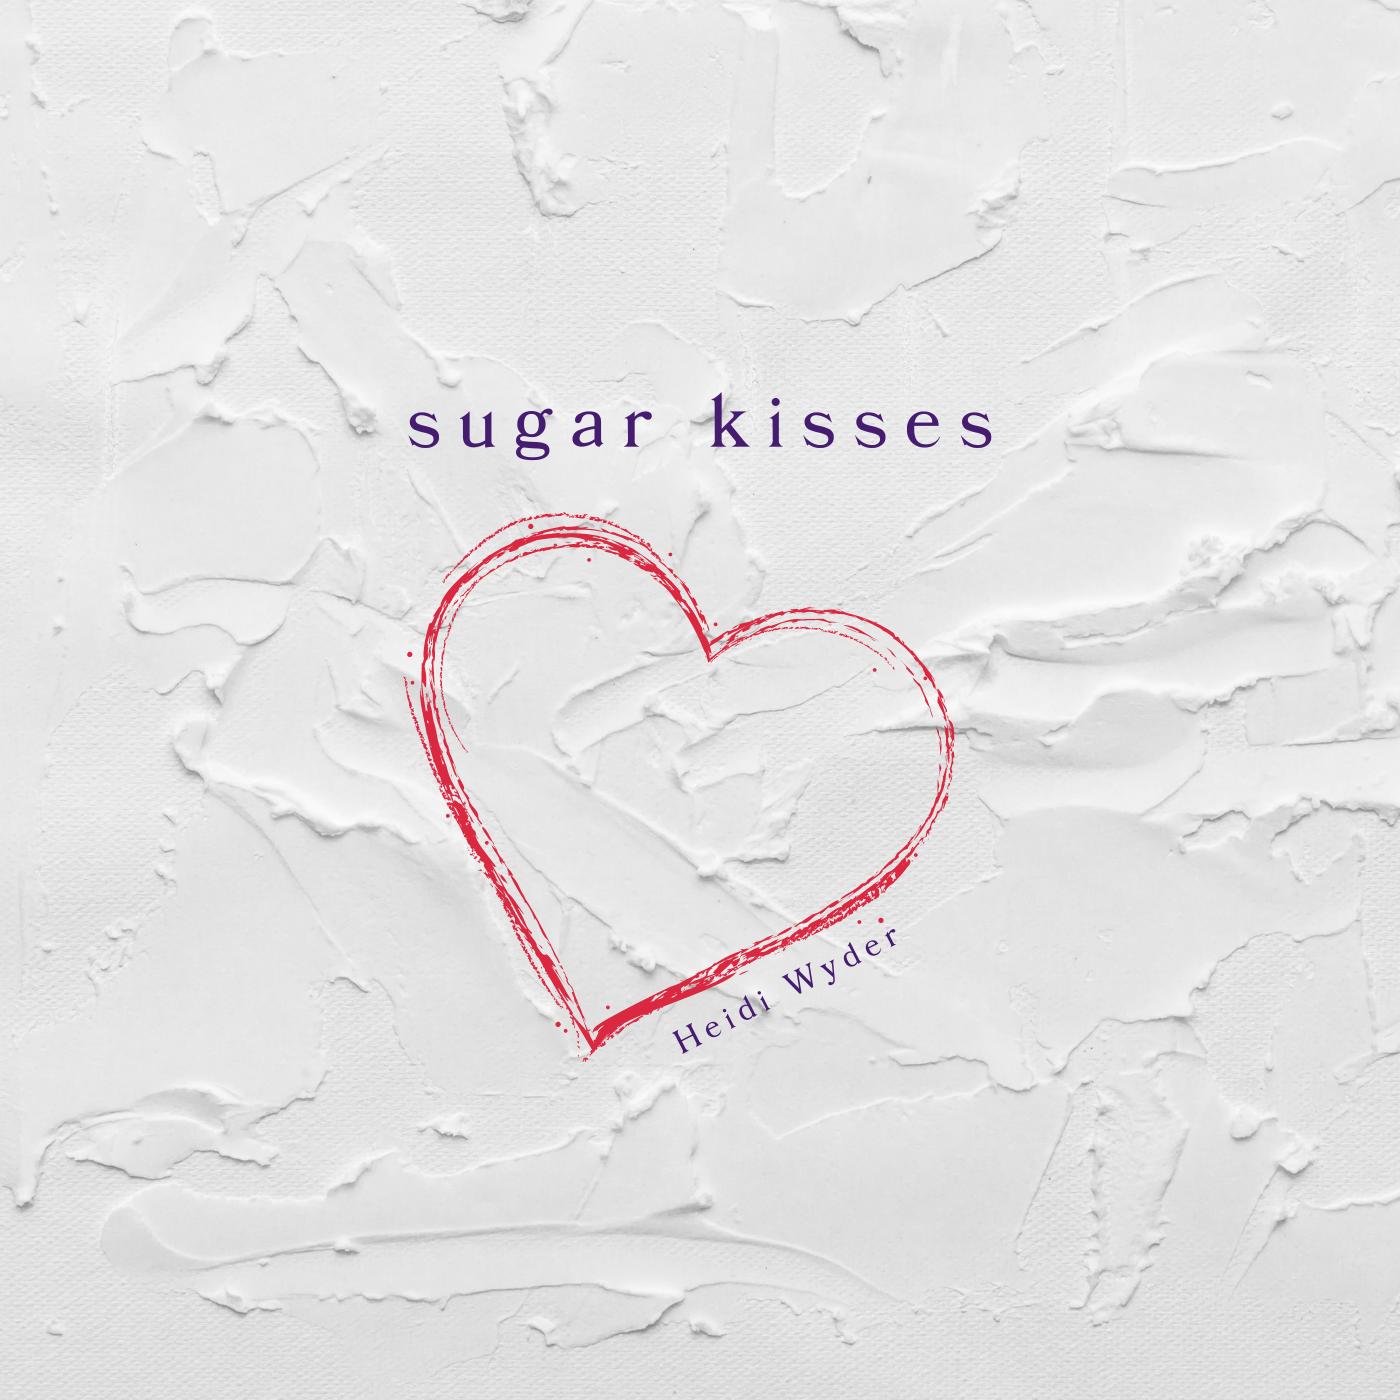 Copy of sugar kisses